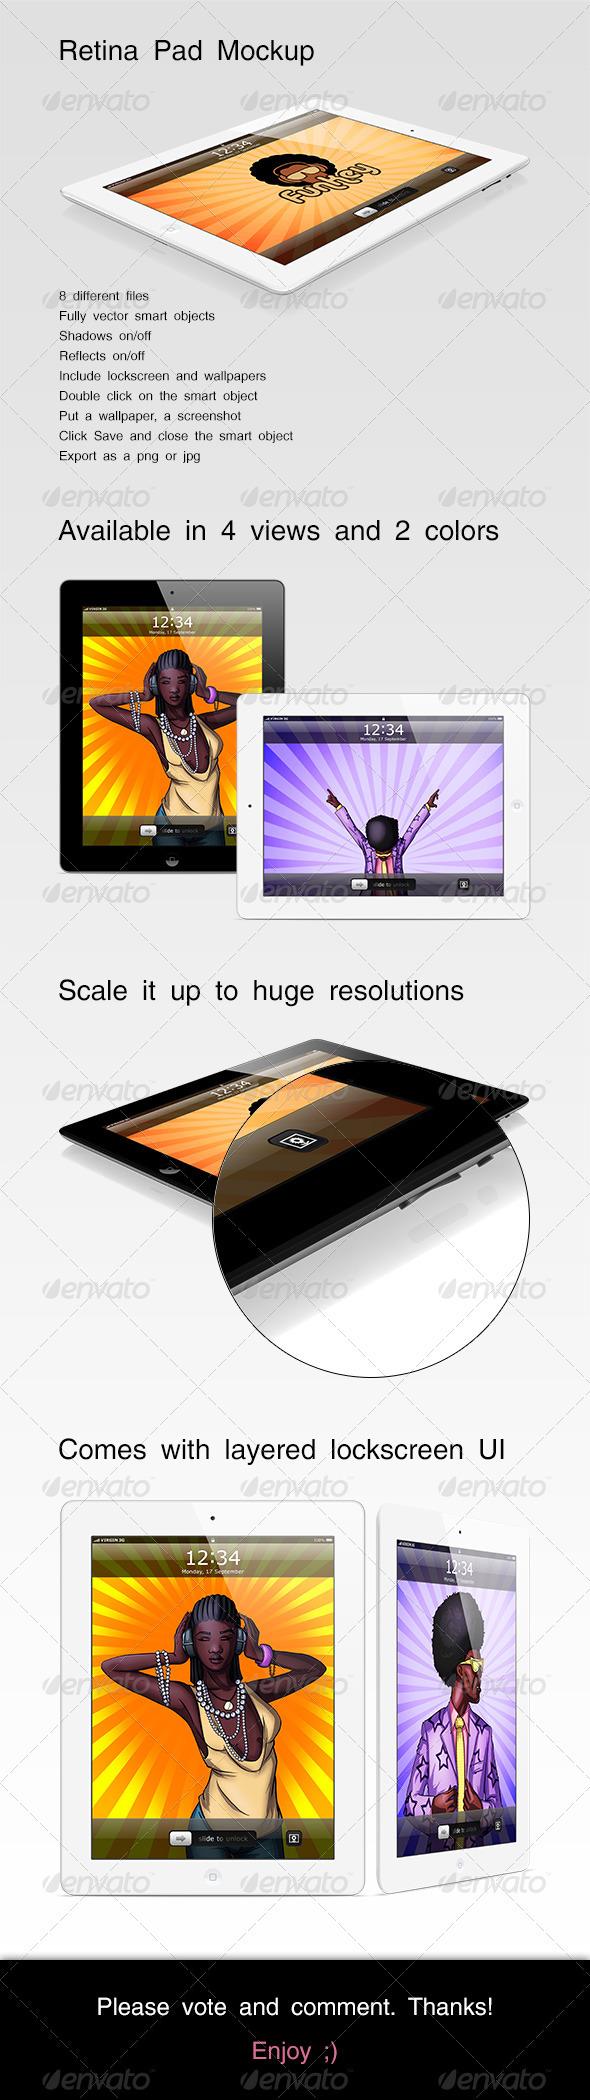 Retina Pad Mockup - Mobile Displays